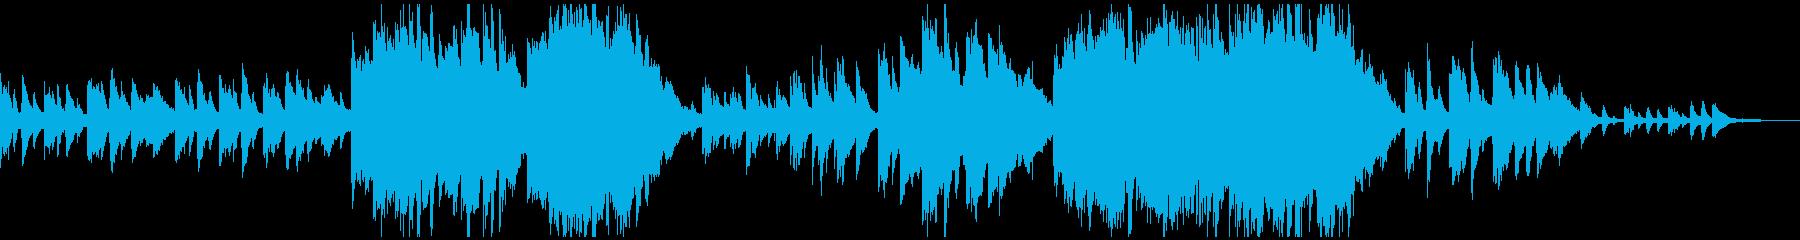 現代的 交響曲 アンビエント ほの...の再生済みの波形